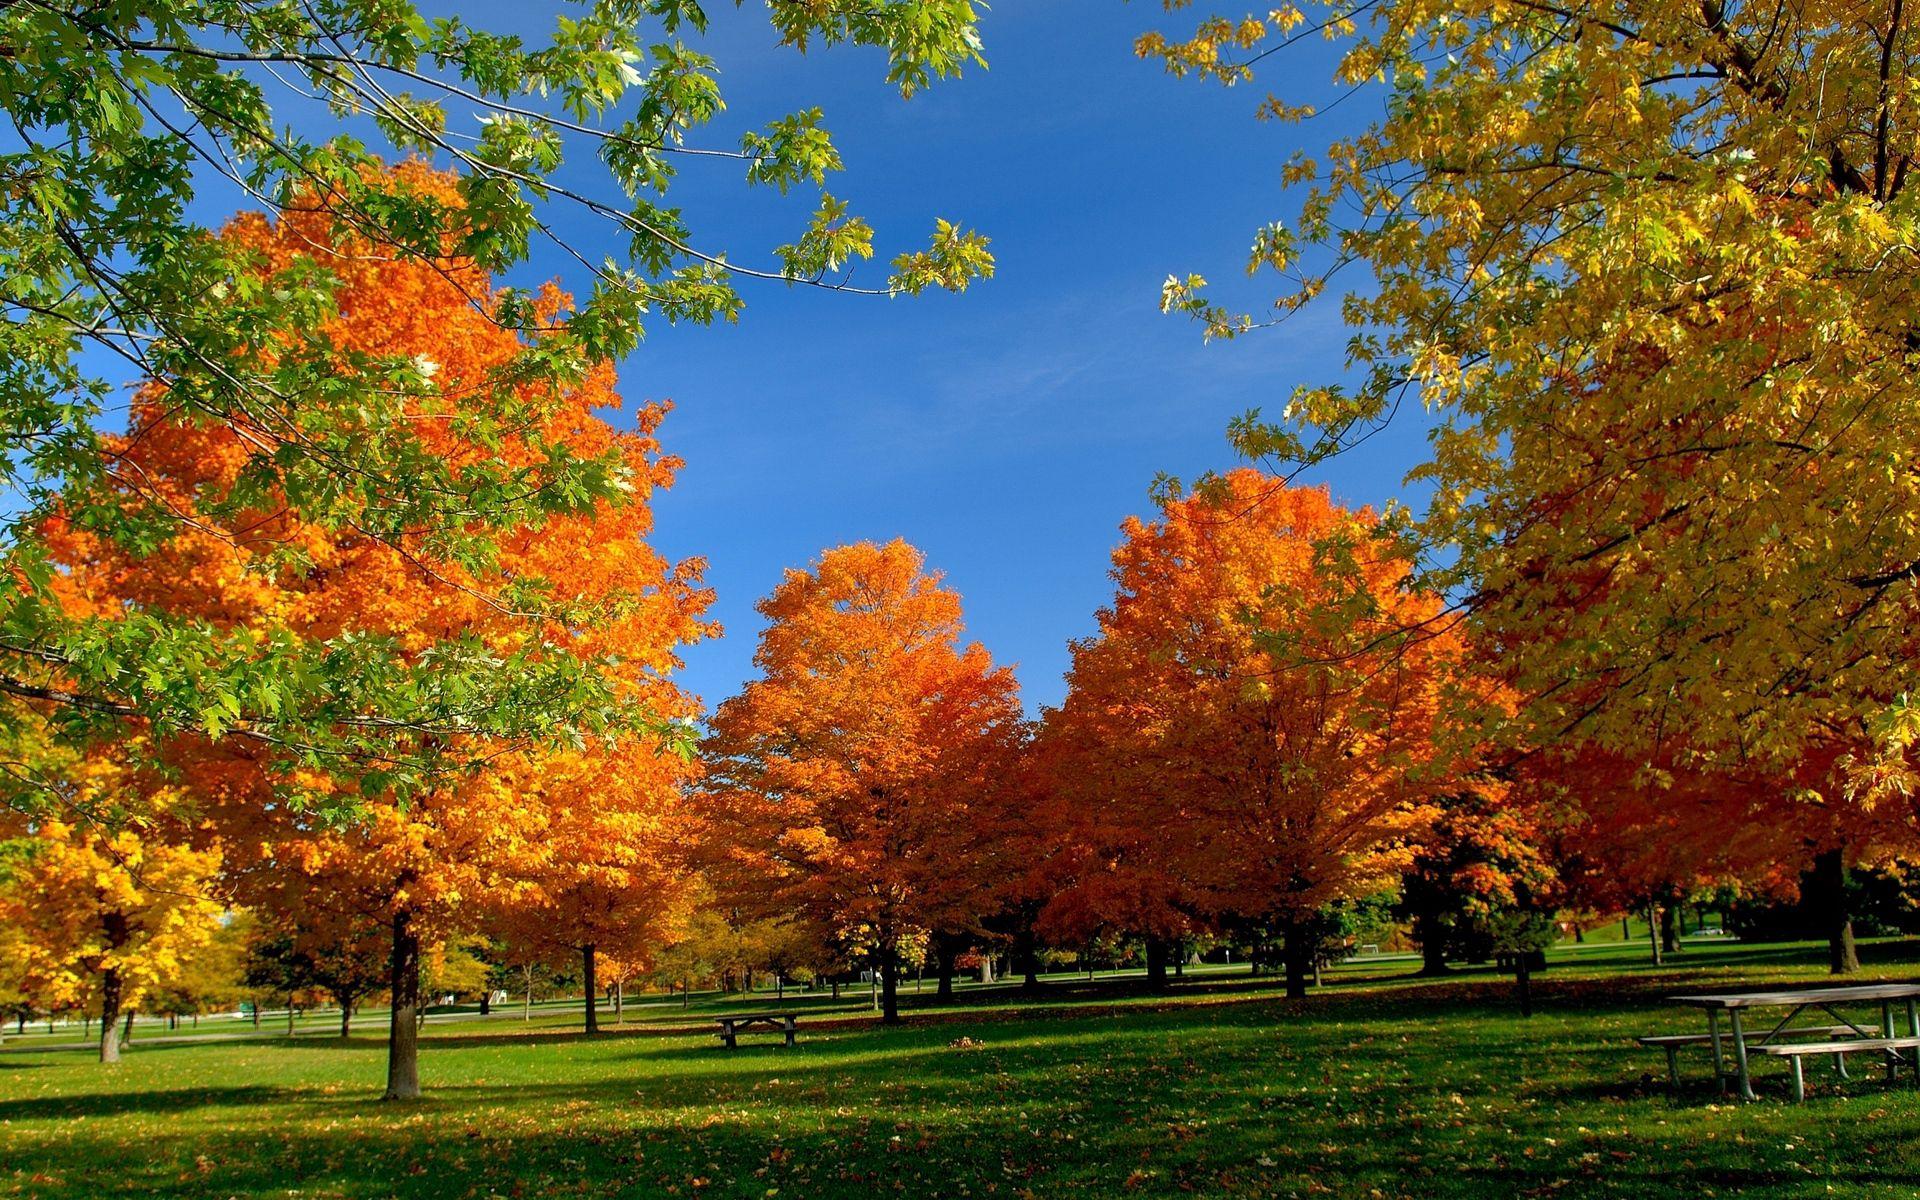 100477 завантажити шпалери Осінь, Природа, Листя, Дерева, Трава, Парк - заставки і картинки безкоштовно